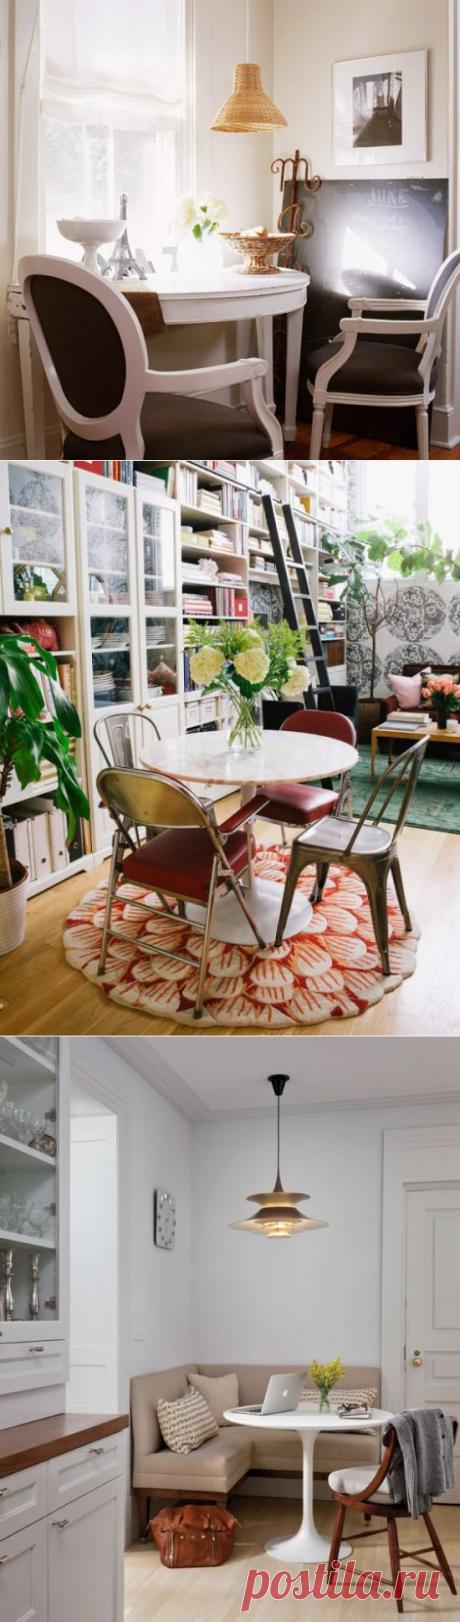 Столовая в маленькой квартире: 6 потрясающих идей и 25 очаровательных примеров